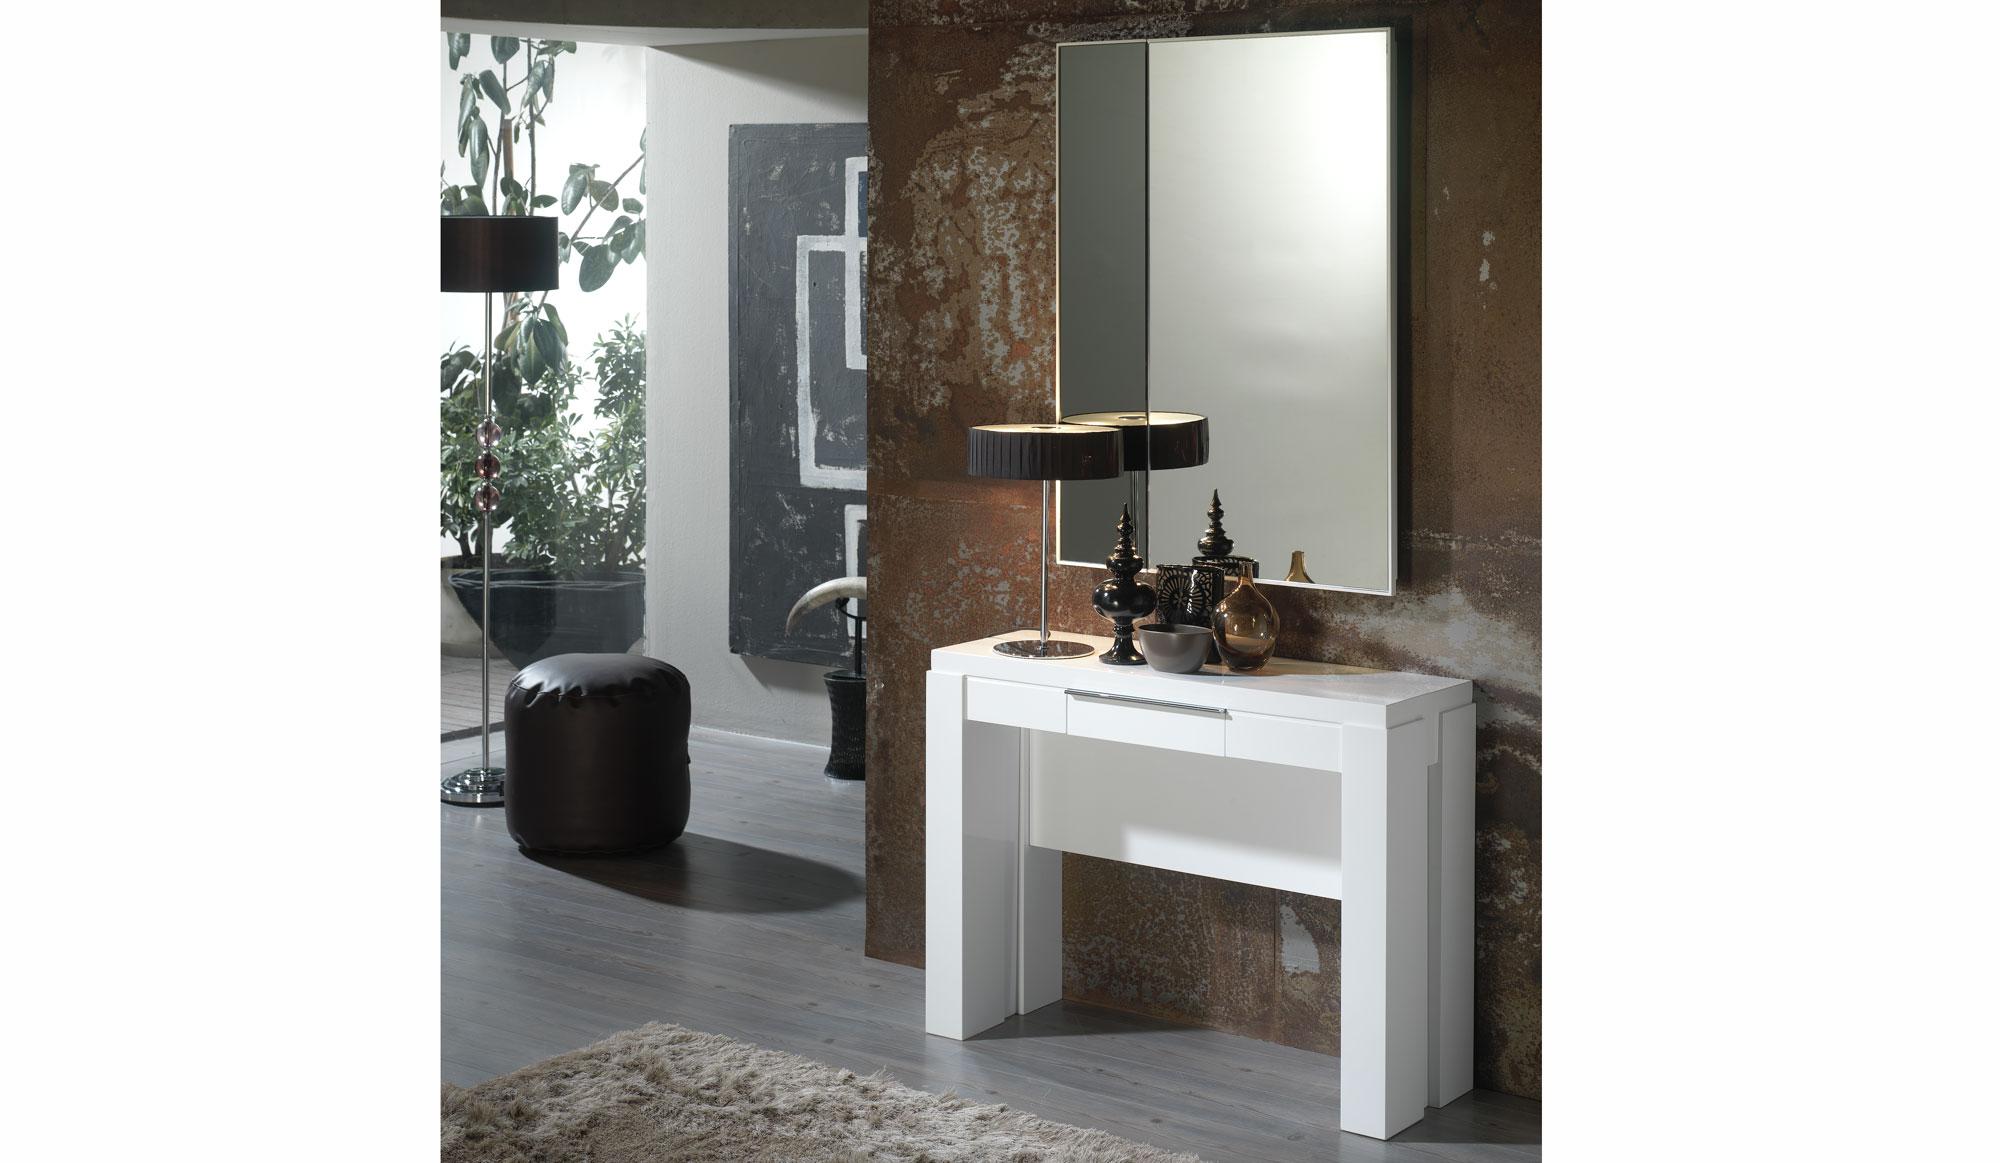 Consola mesa de comedor extensible moderna dirfon en cosas - Mesas de comedor de diseno extensibles ...